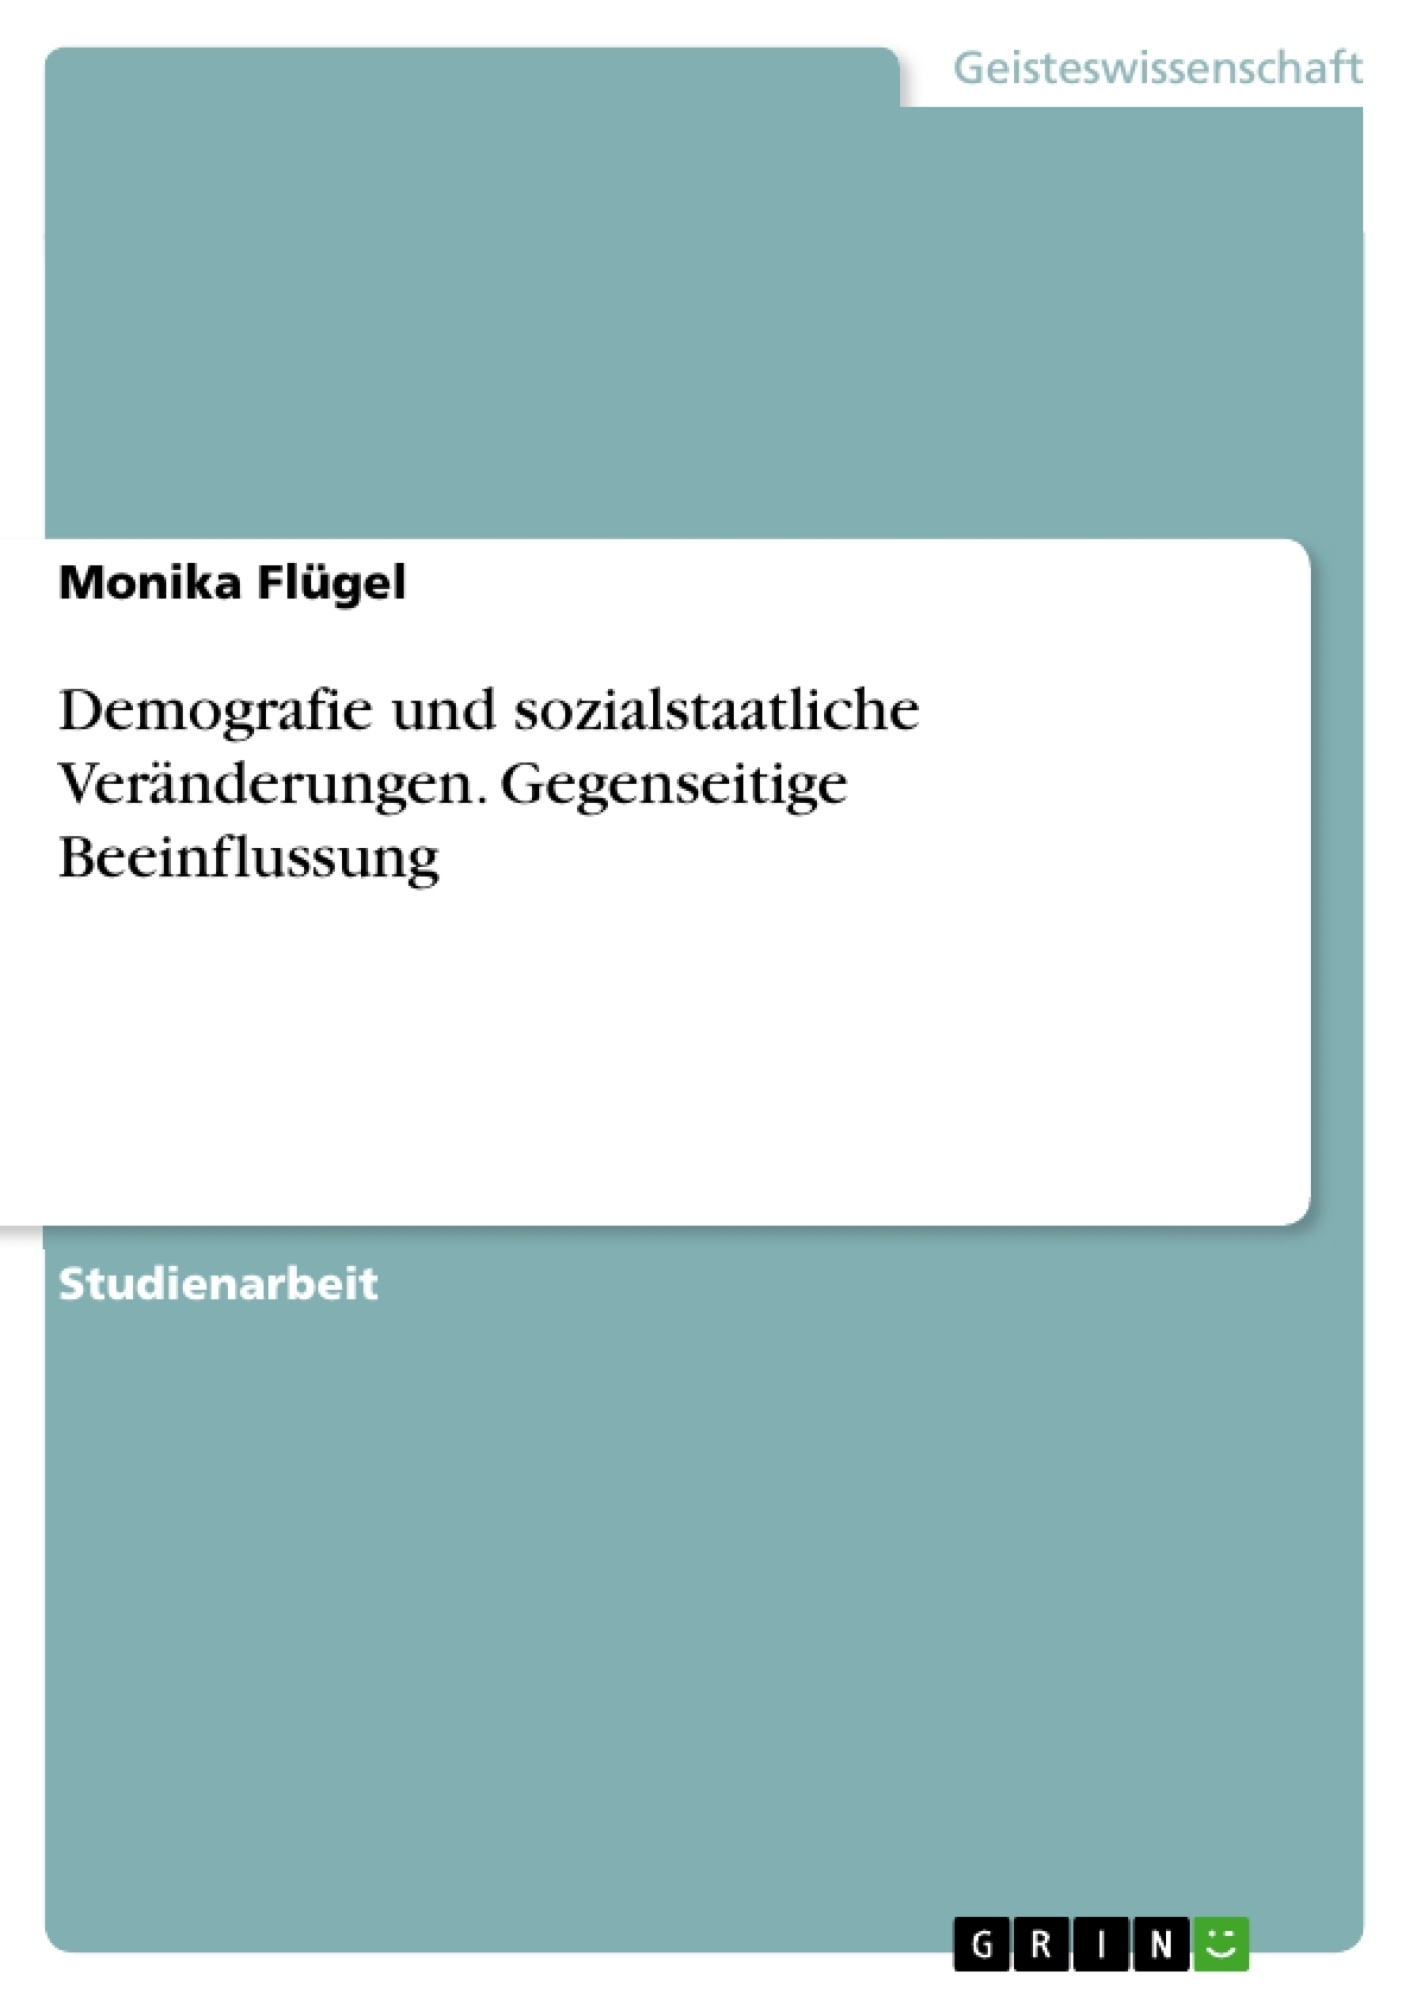 Titel: Demografie und sozialstaatliche Veränderungen. Gegenseitige Beeinflussung